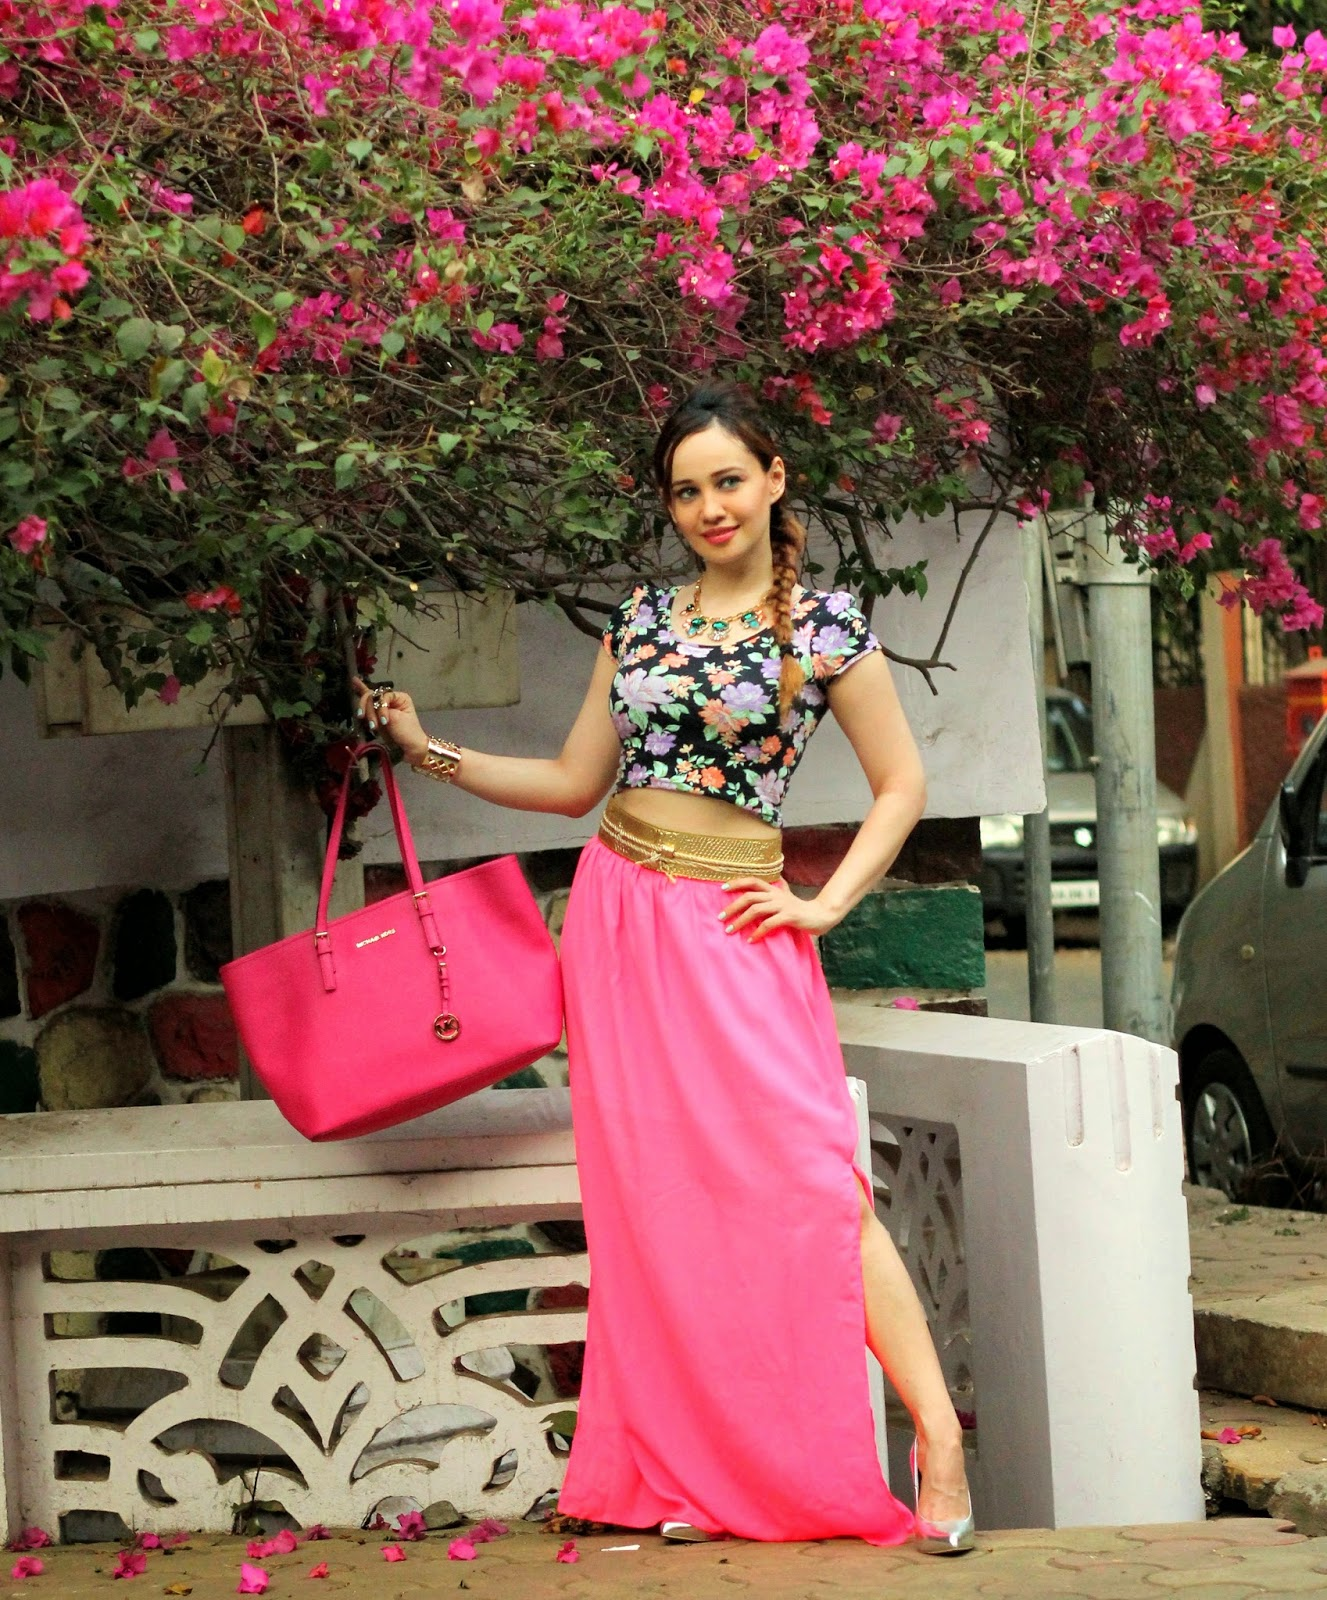 Floral Crop Top & Pink Maxi Skirt